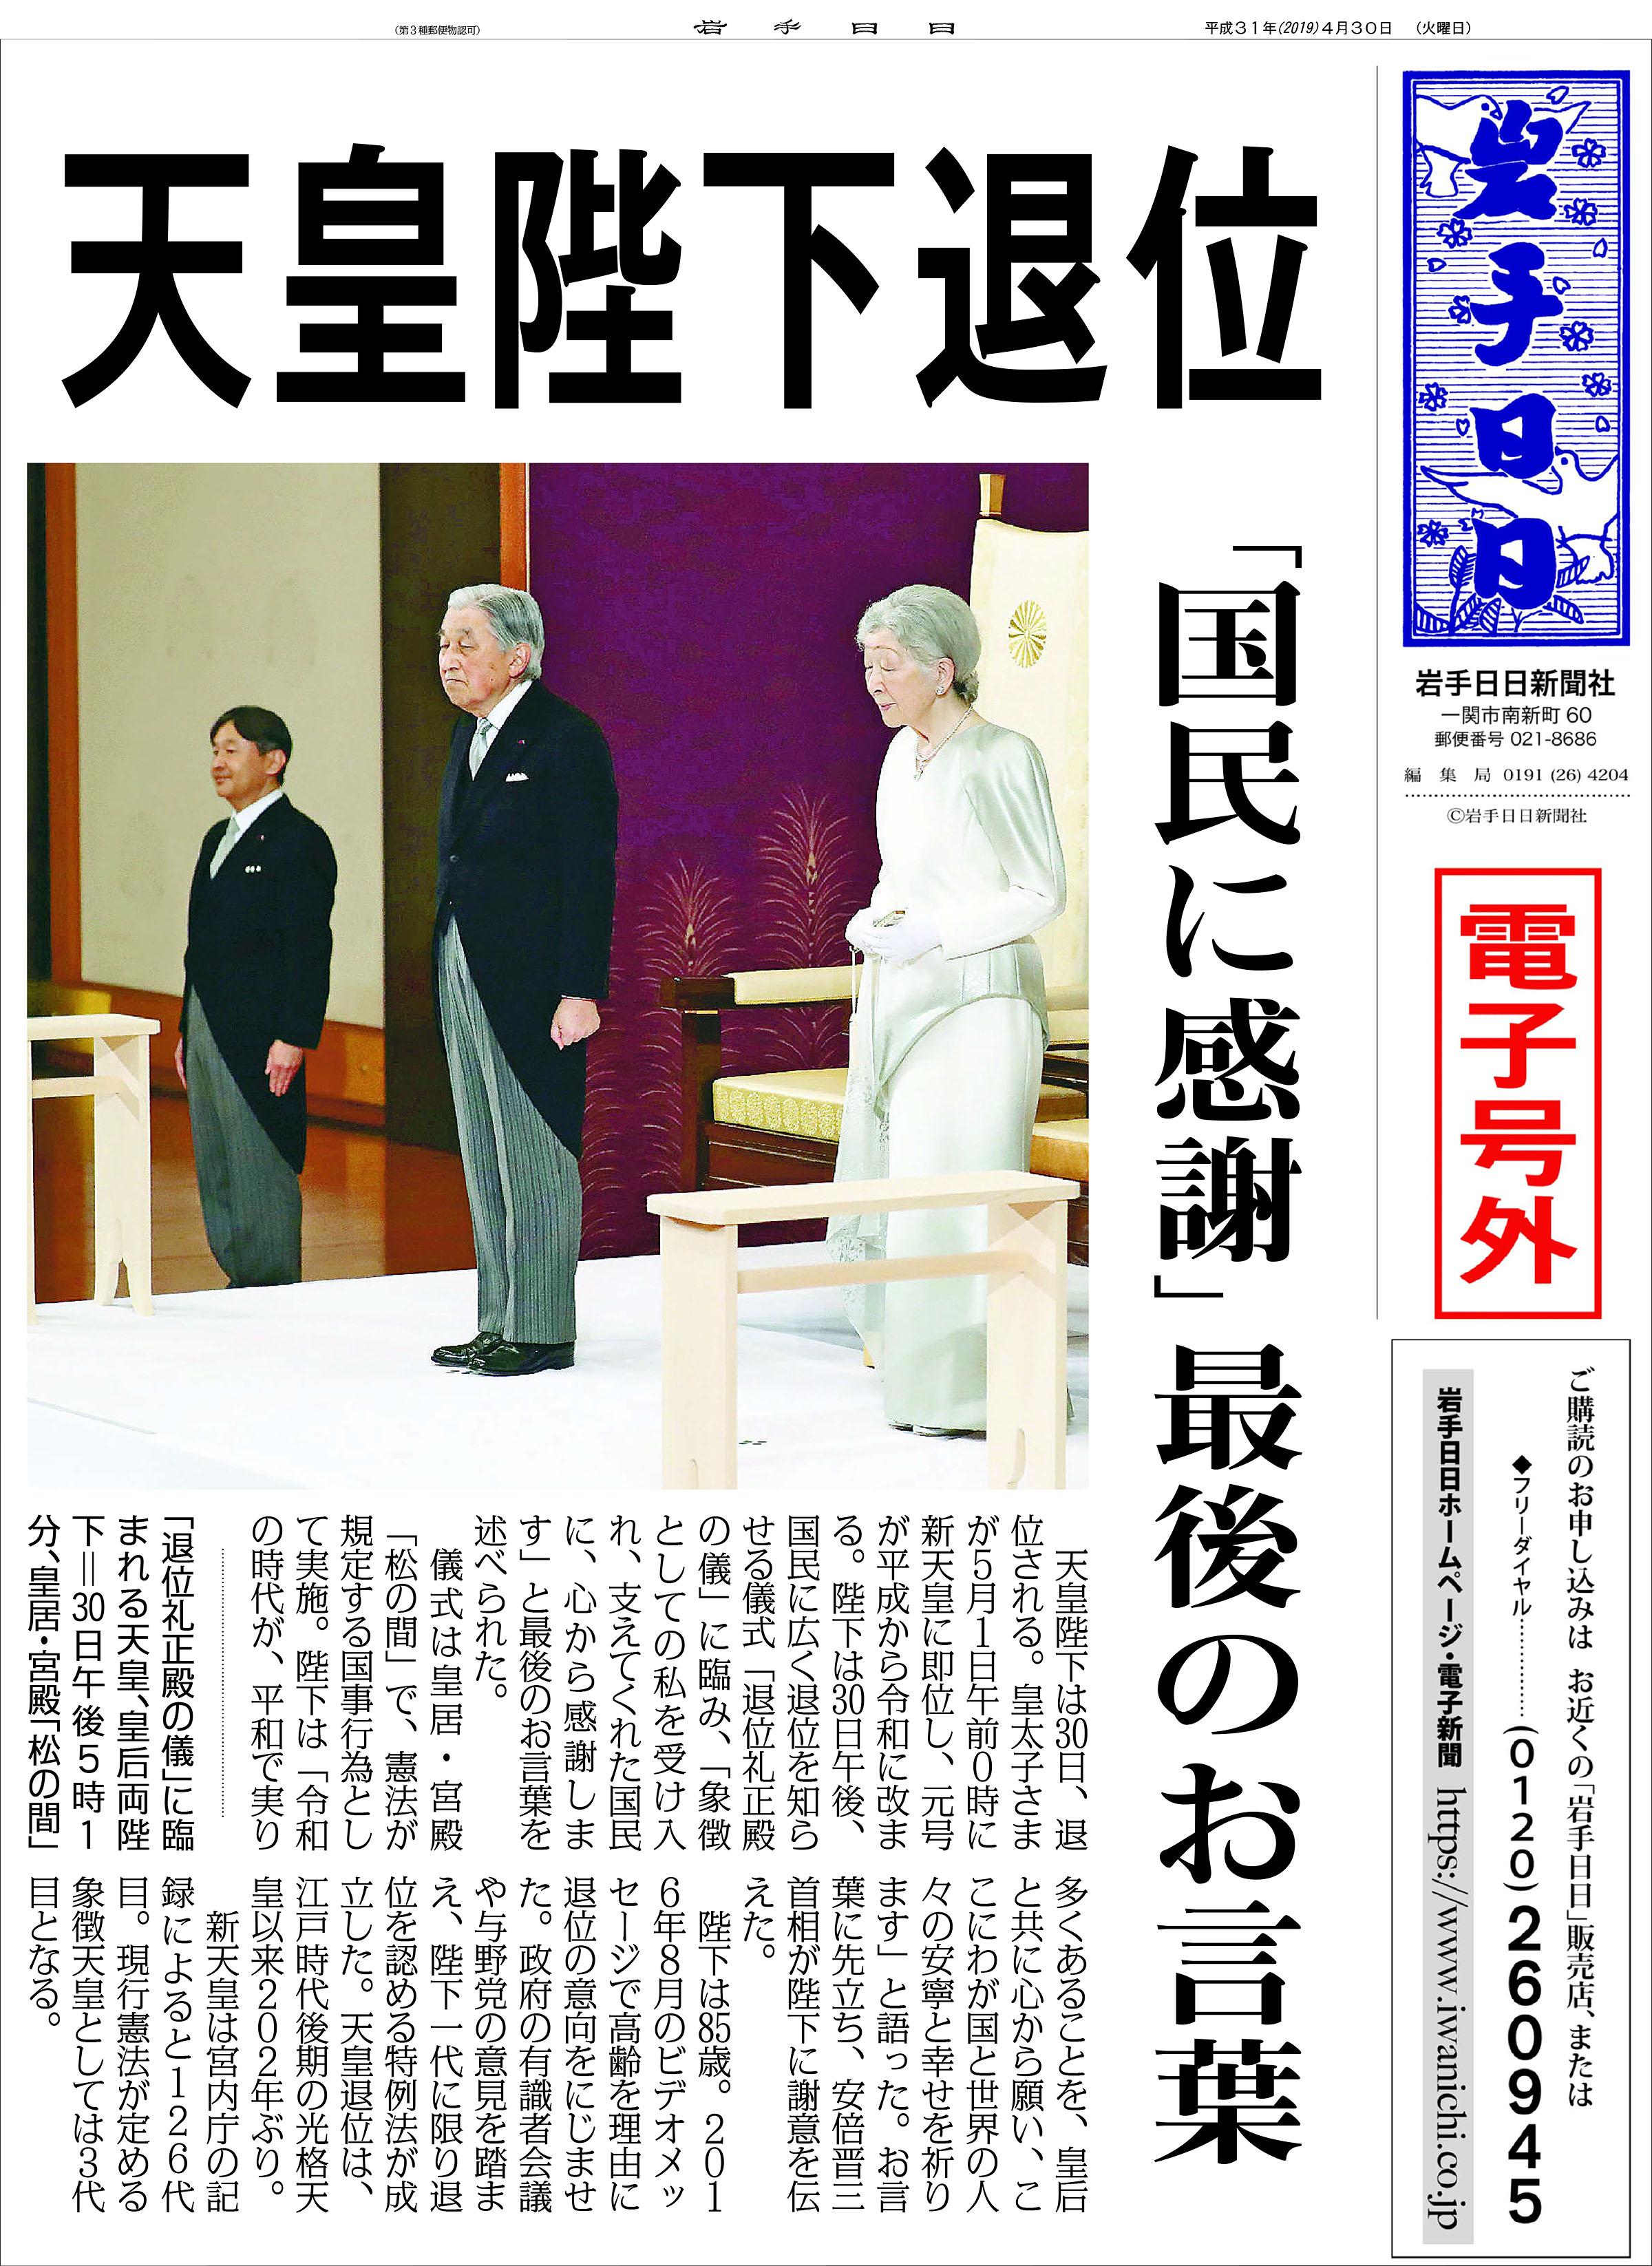 【電子号外】天皇陛下退位 「国民に感謝」最後のお言葉